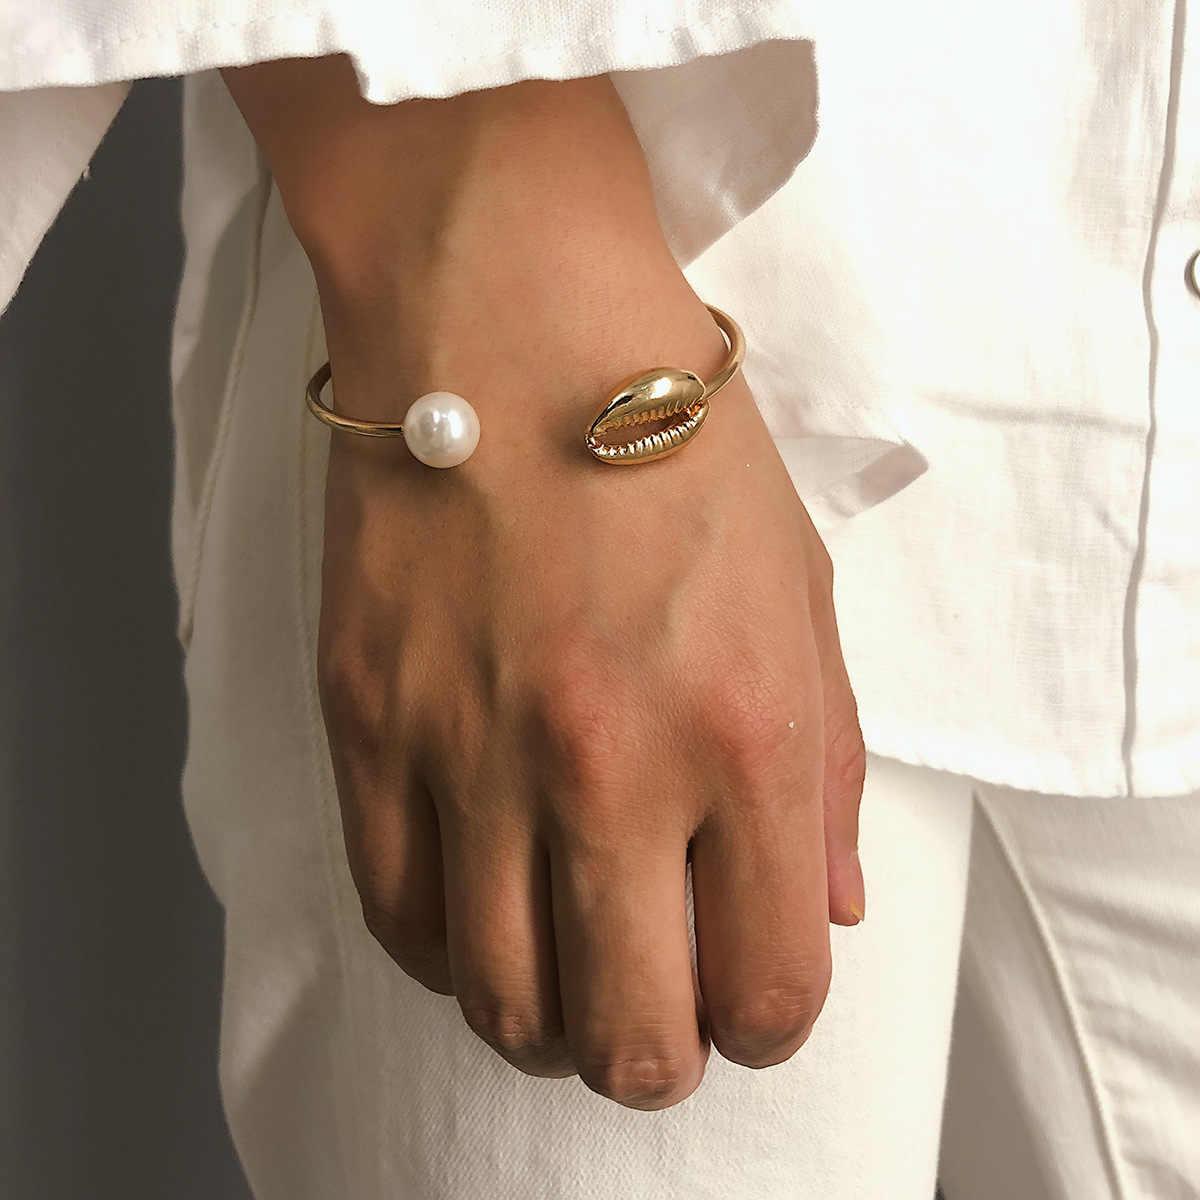 Bohemian ouro conch shell cowrie concha abrir cuff pulseiras bangles verão charme simulado pérola jóias boho